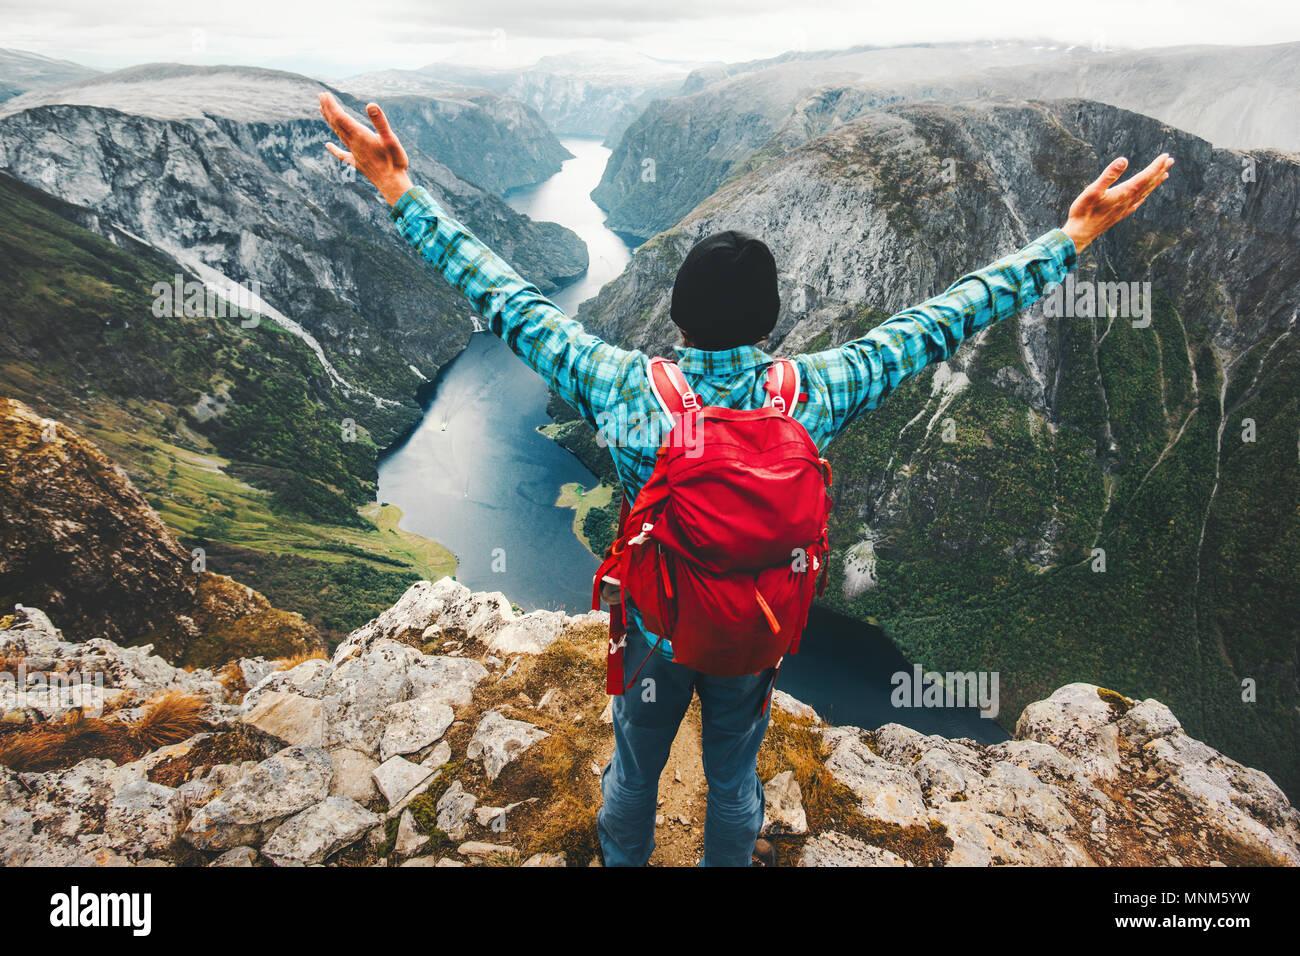 Reisende Mensch auf dem Gipfel des Berges Erfolg erhobenen Händen gesunder Lebensstil Reisen Abenteuer Urlaub oben in Norwegen Naeroyfjord Stockbild